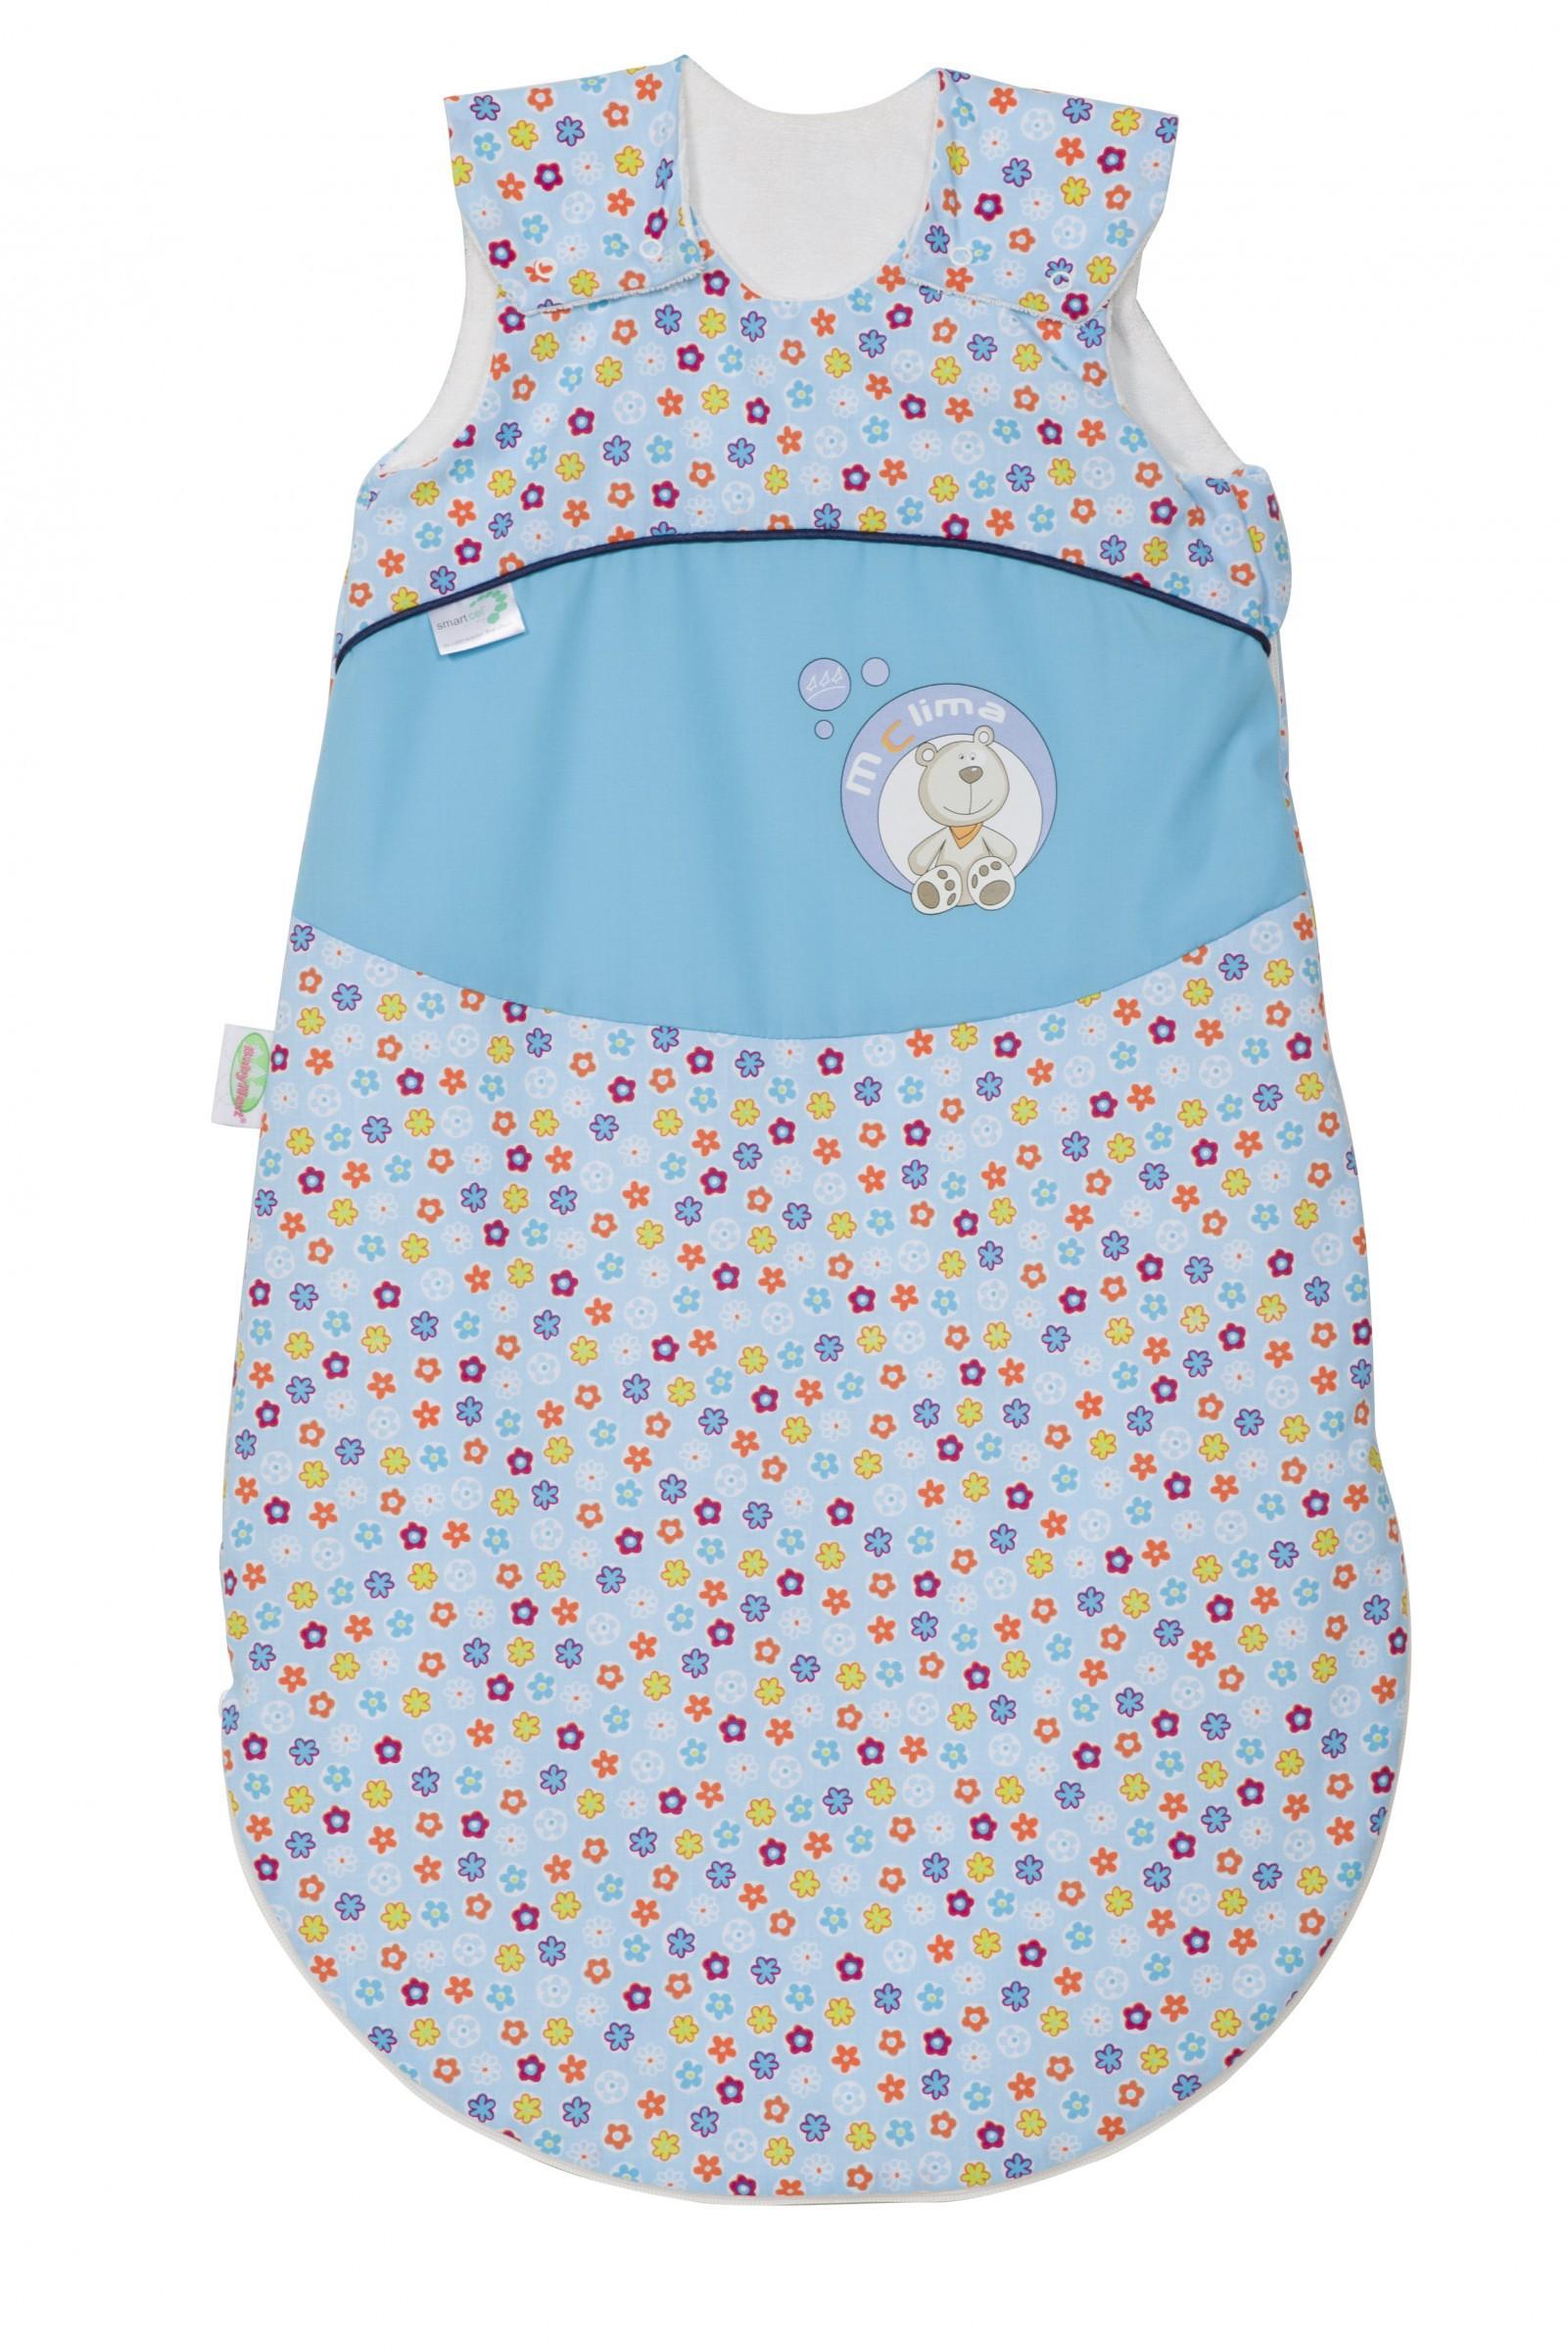 Odenwälder Baby-Schlafsack Mclima Blümchen